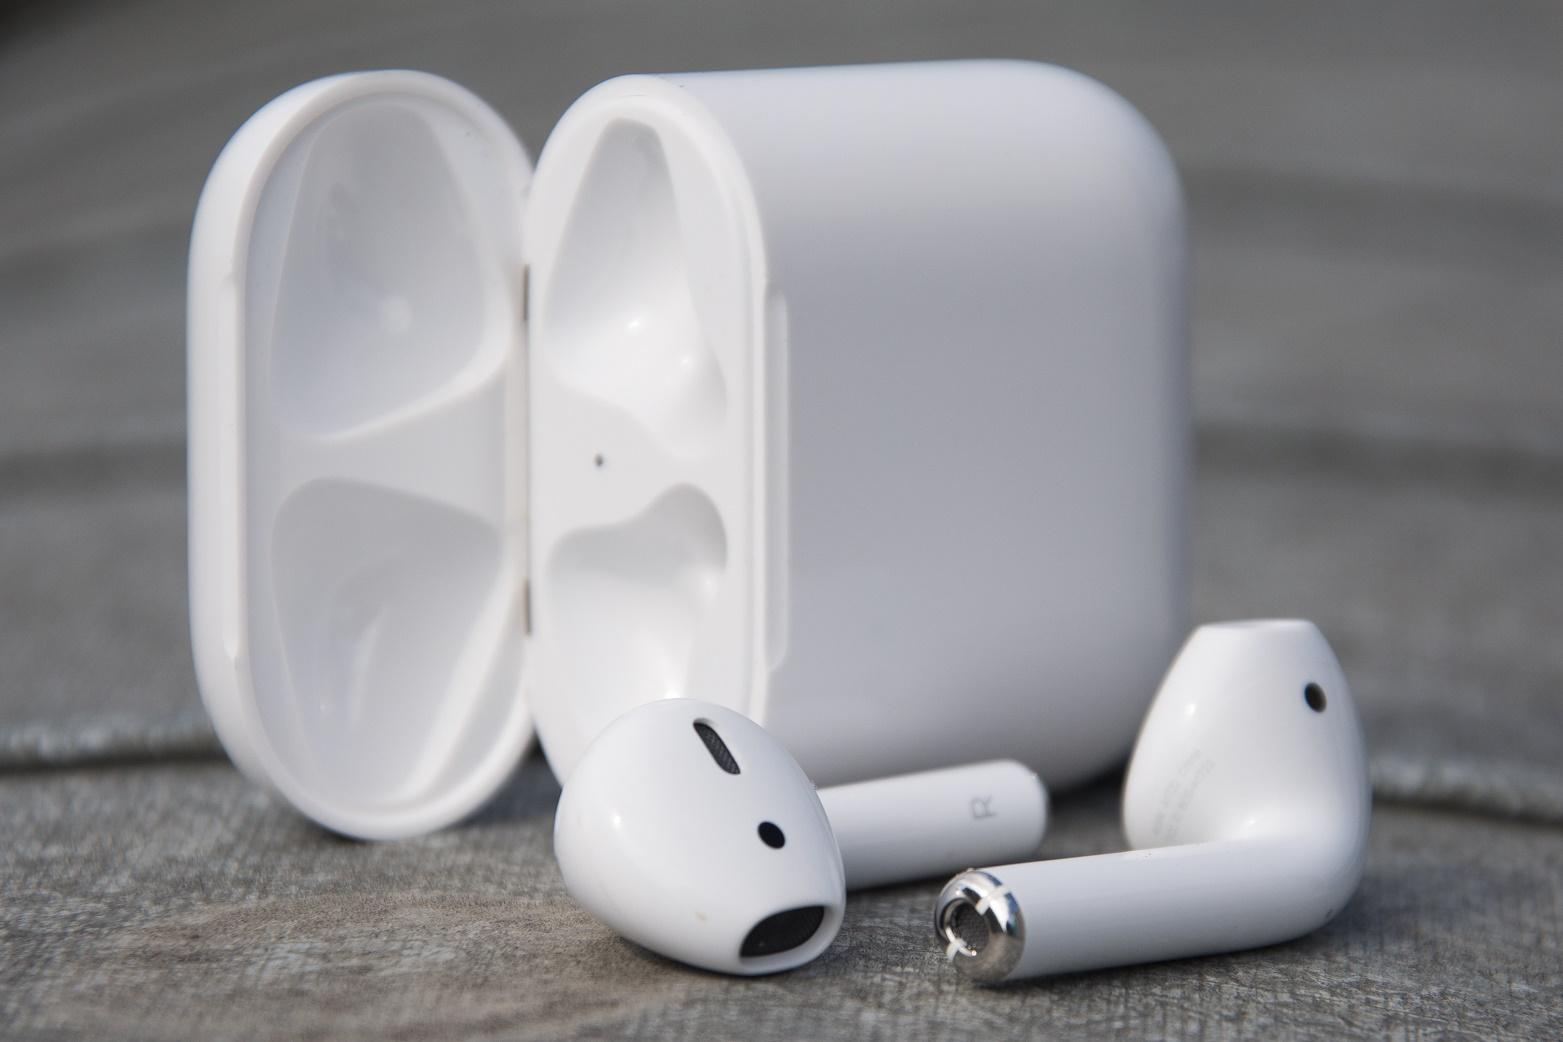 Imagem de Venda de AirPods da Apple deve dobrar em 2018, diz analista no tecmundo